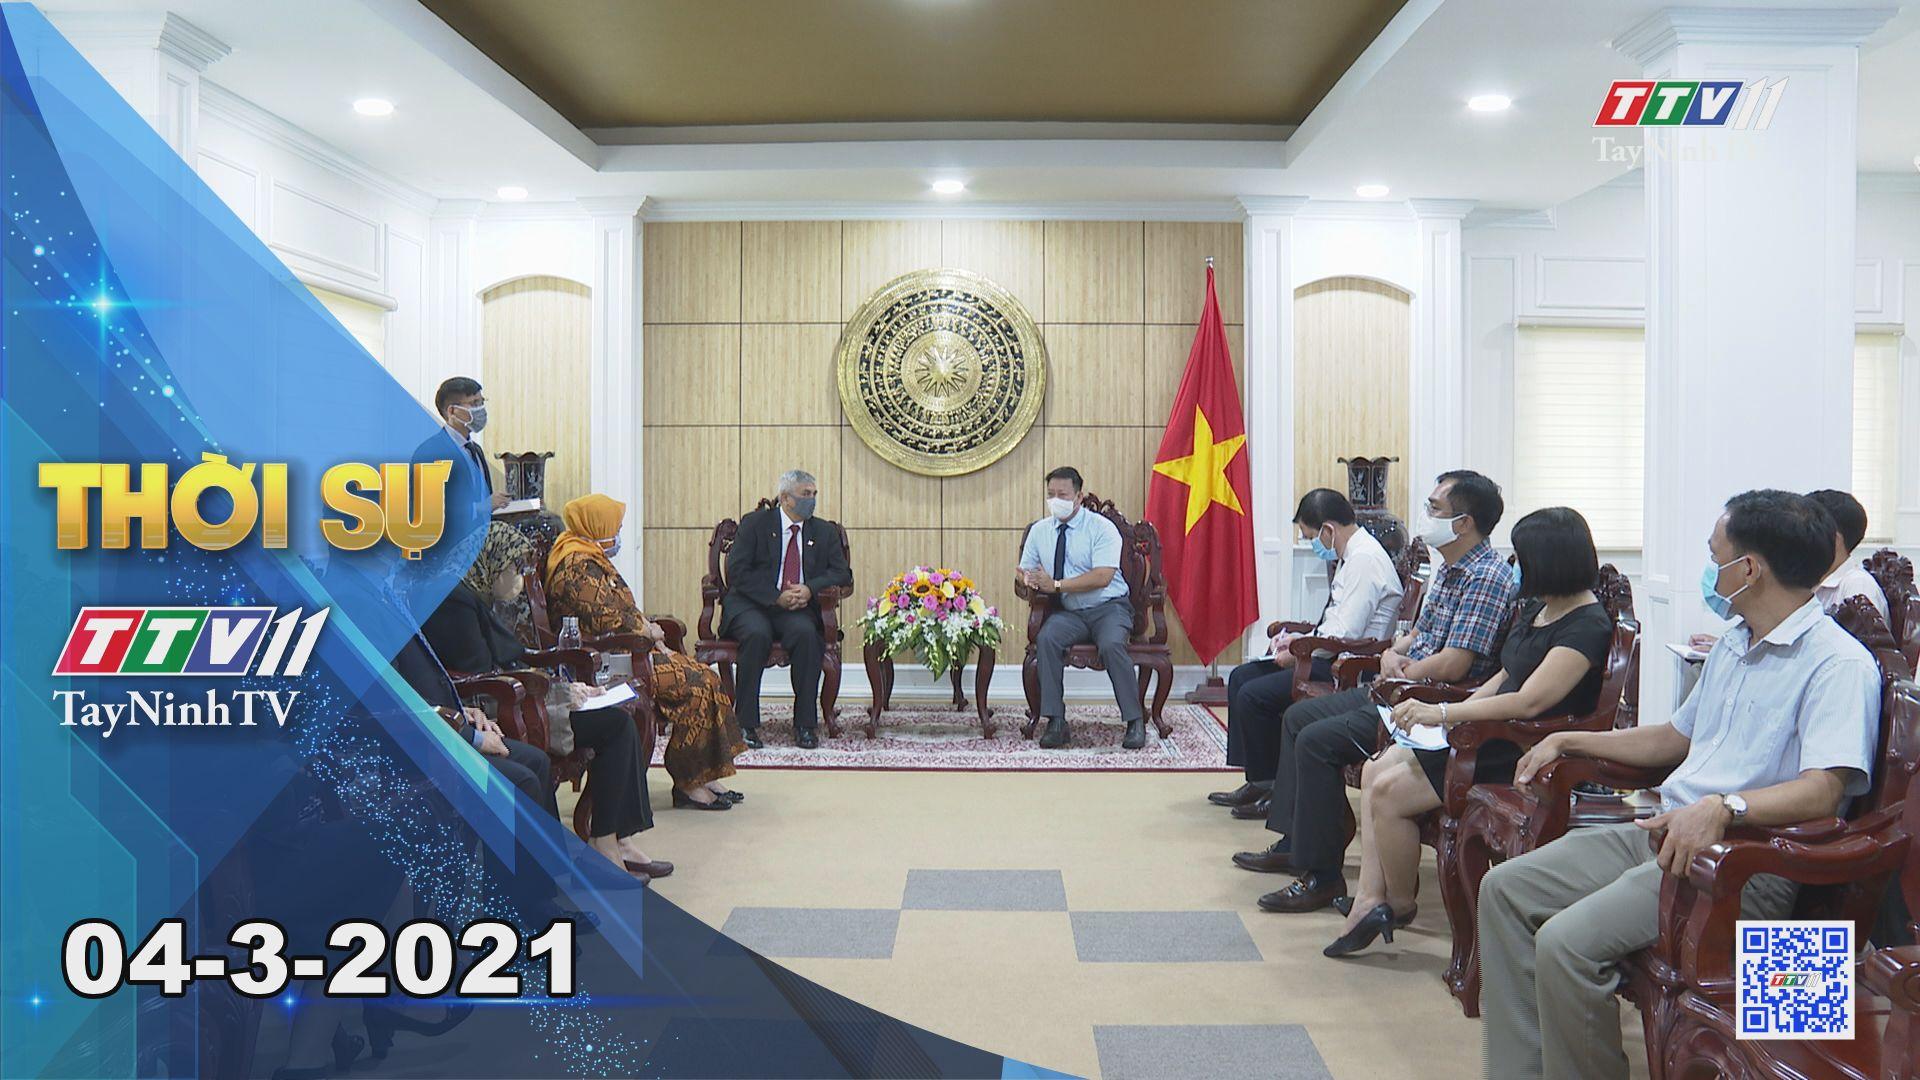 Thời sự Tây Ninh 04-3-2021 | Tin tức hôm nay | TayNinhTV